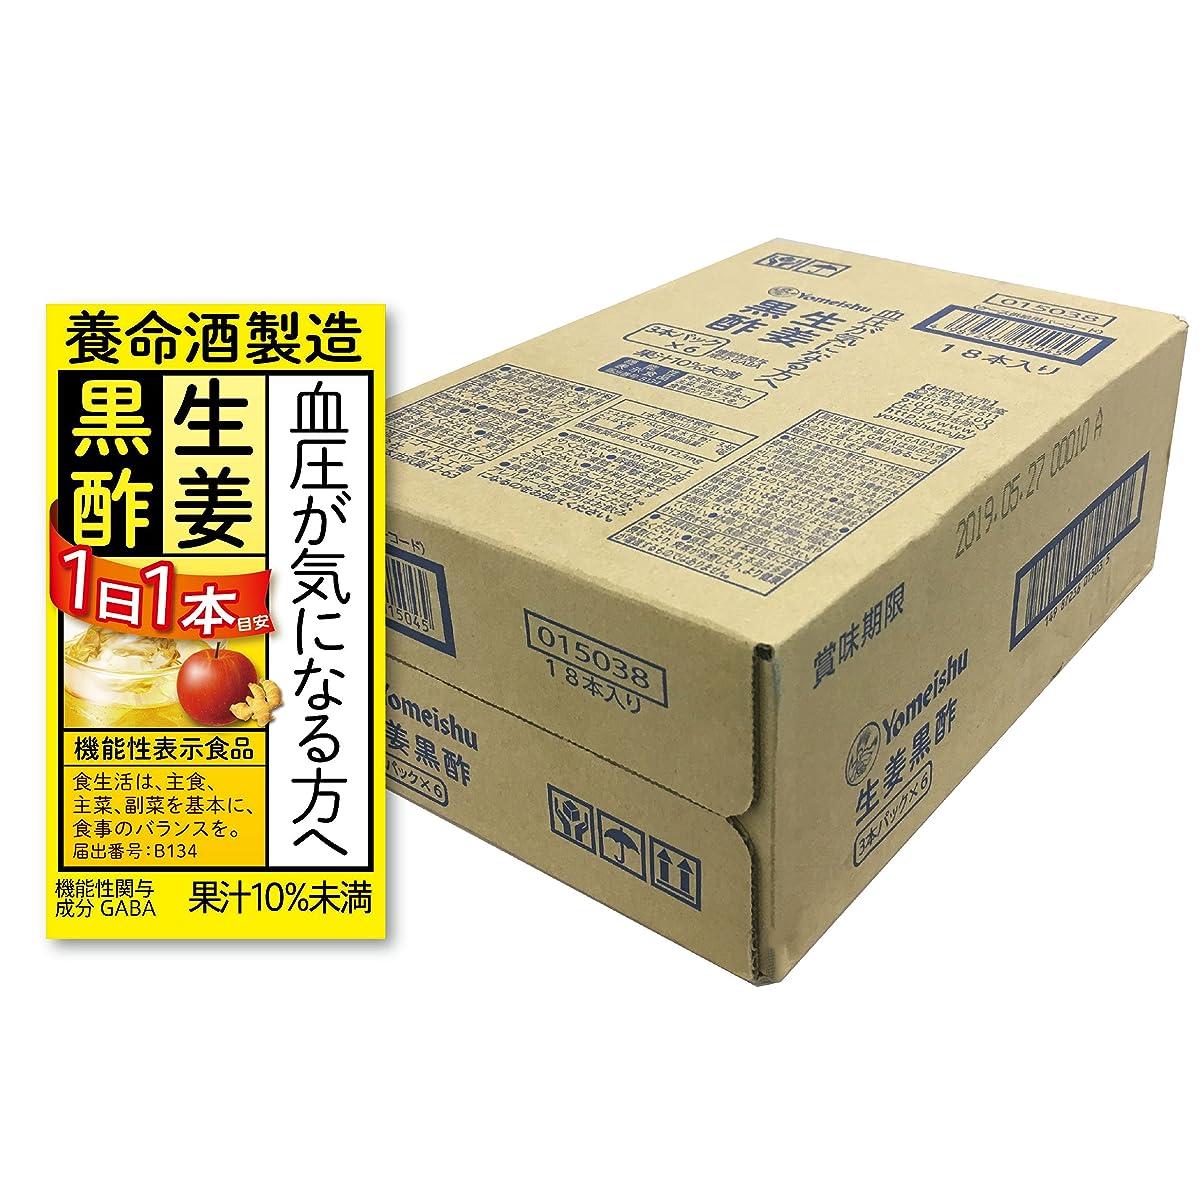 マッシュデッキ免疫養命酒製造 生姜黒酢 125mlx18本 ケース販売